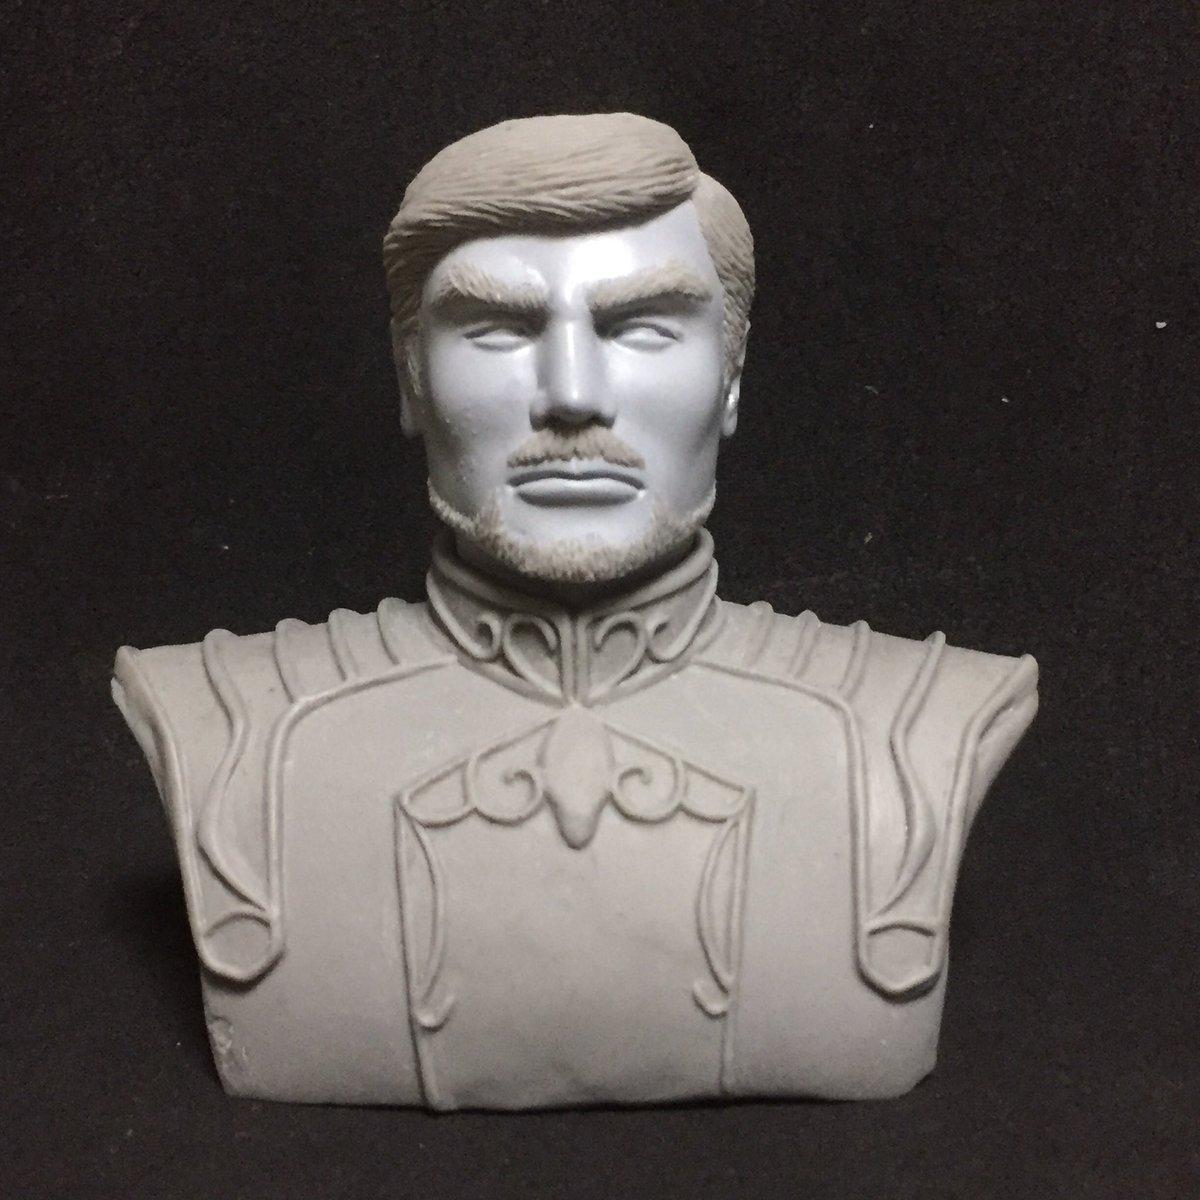 銀河英雄伝説よりカール・ロベルト・シュタインメッツ上級大将の胸像と、ゴールデンルーヴェのエンブレムを本申請致しました。許可降りると いいな…#wf2017w